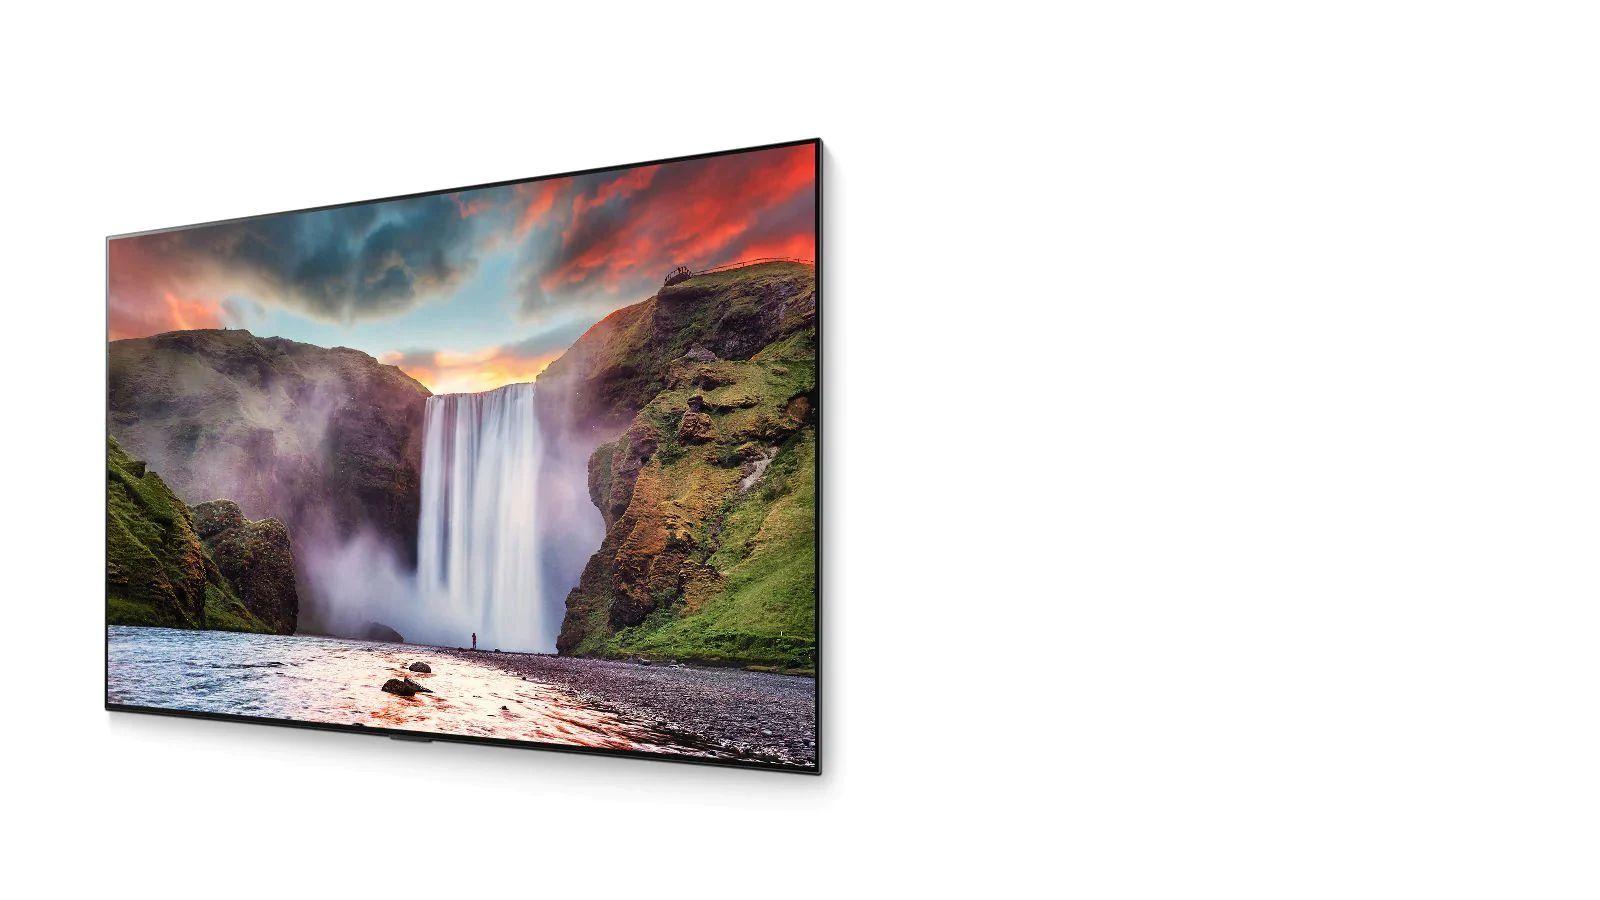 Прекрасный водопад с красивыми пейзажами, демонстрируемый на OLED-телевизоре (просмотр видео)